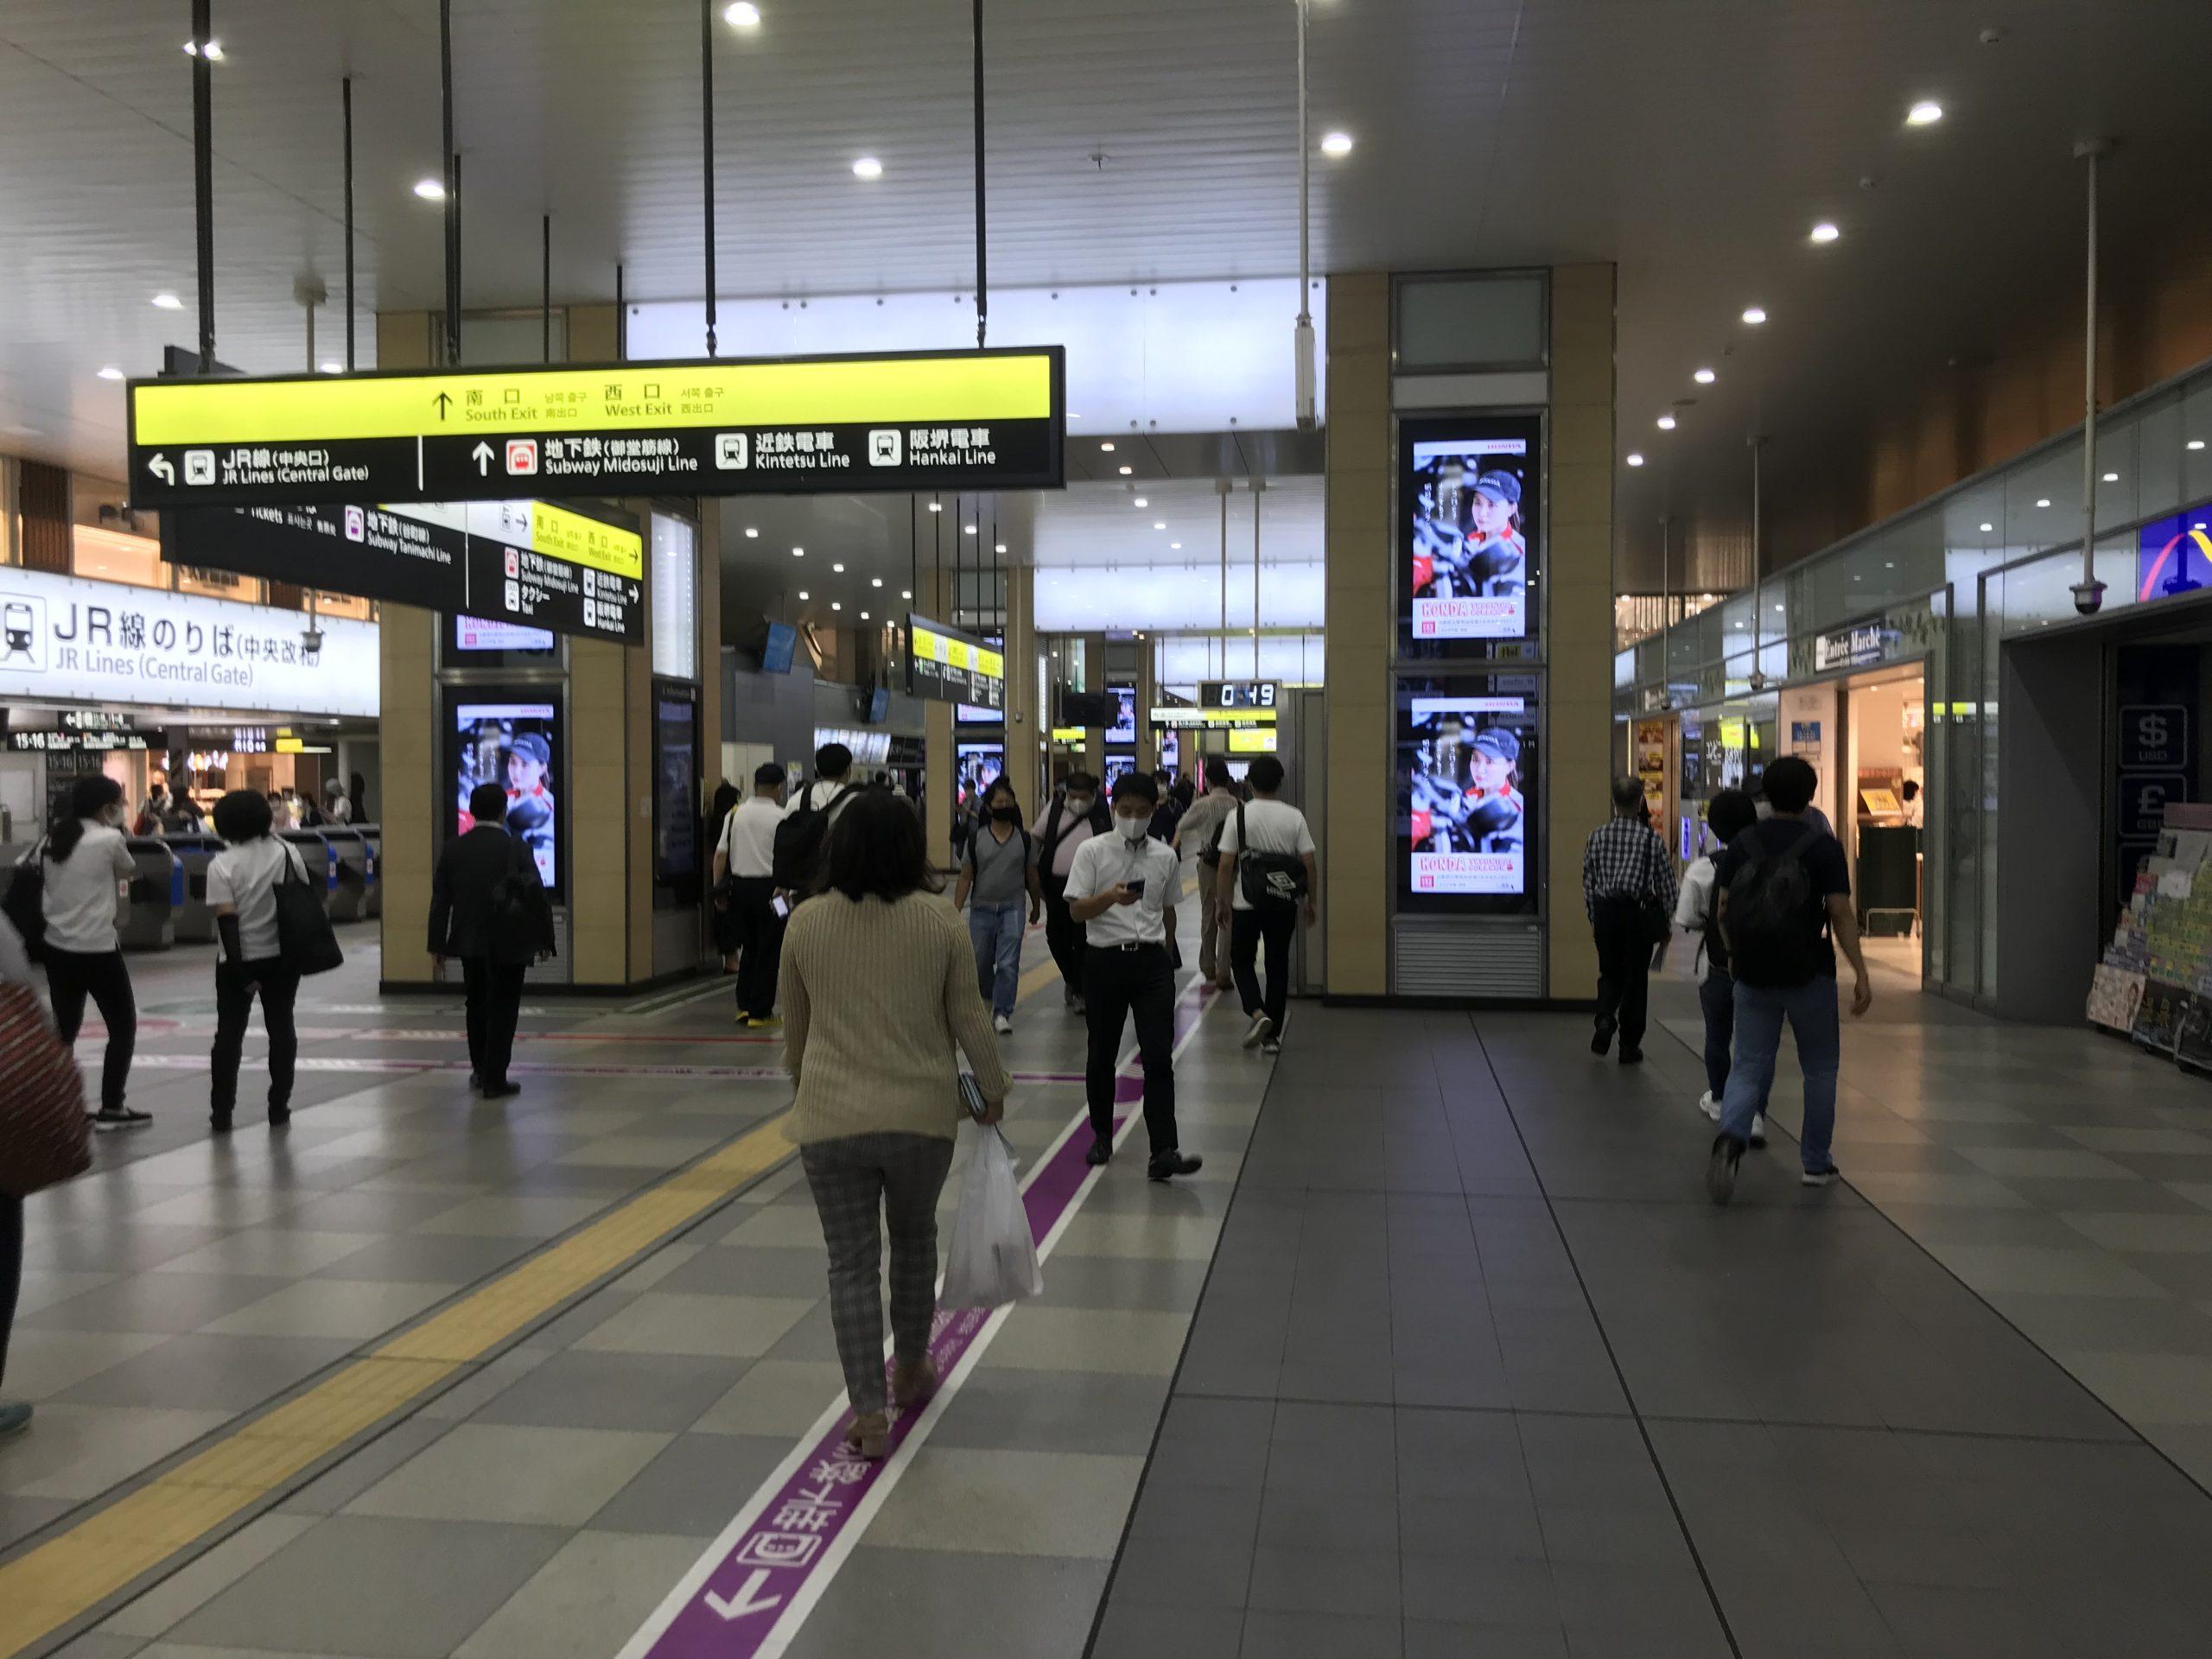 【放映開始】JR天王寺駅でのデジタルサイネージ広告